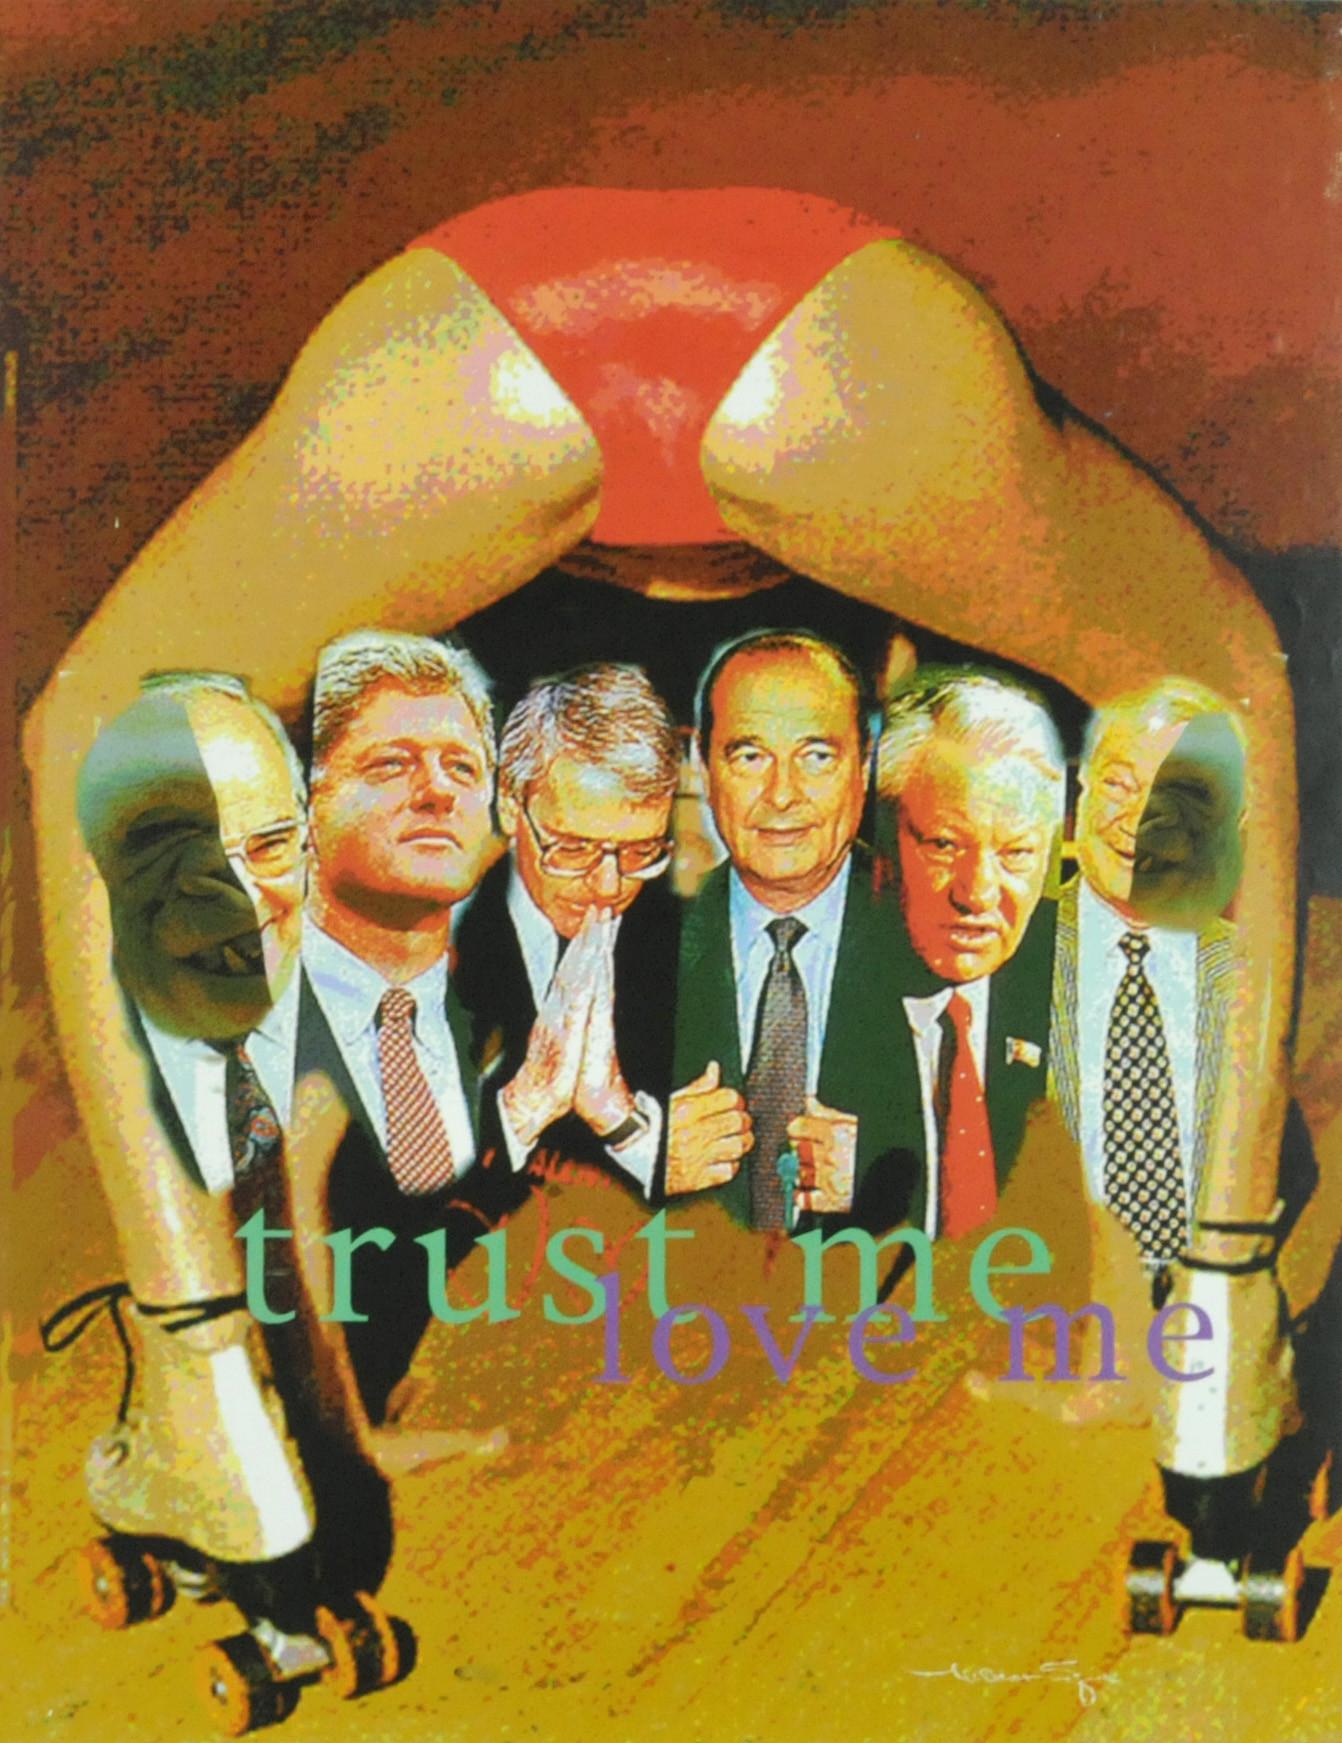 88_Trust_Me_Love_Me_Year__Digital_Print_Posters___Abstract_zkkaaj.jpg